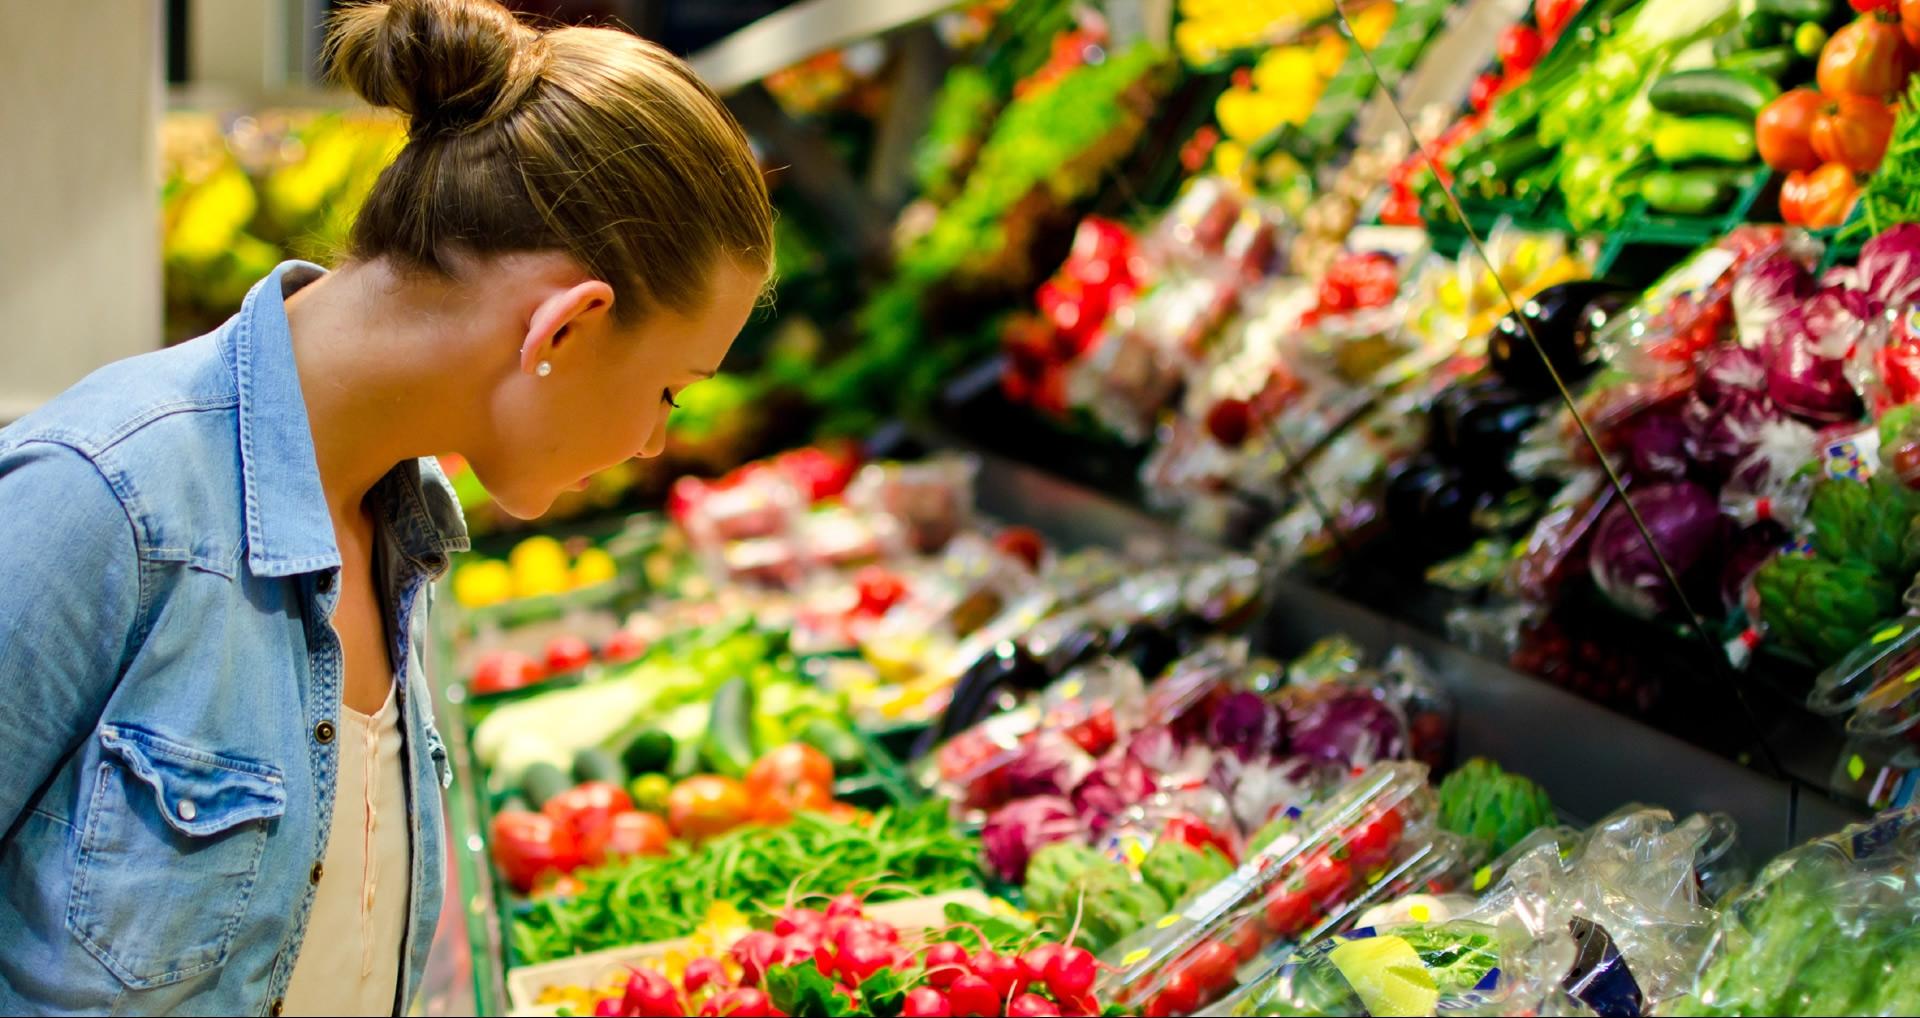 alimentos, Prefira, natura, processados, alterações, Evite, consumo, ultraprocessados, aqueles, Limite, sofrem, muitas, açúcar, minimamente, sempre, Utilize, óleos, pequenas, gorduras, quantidades